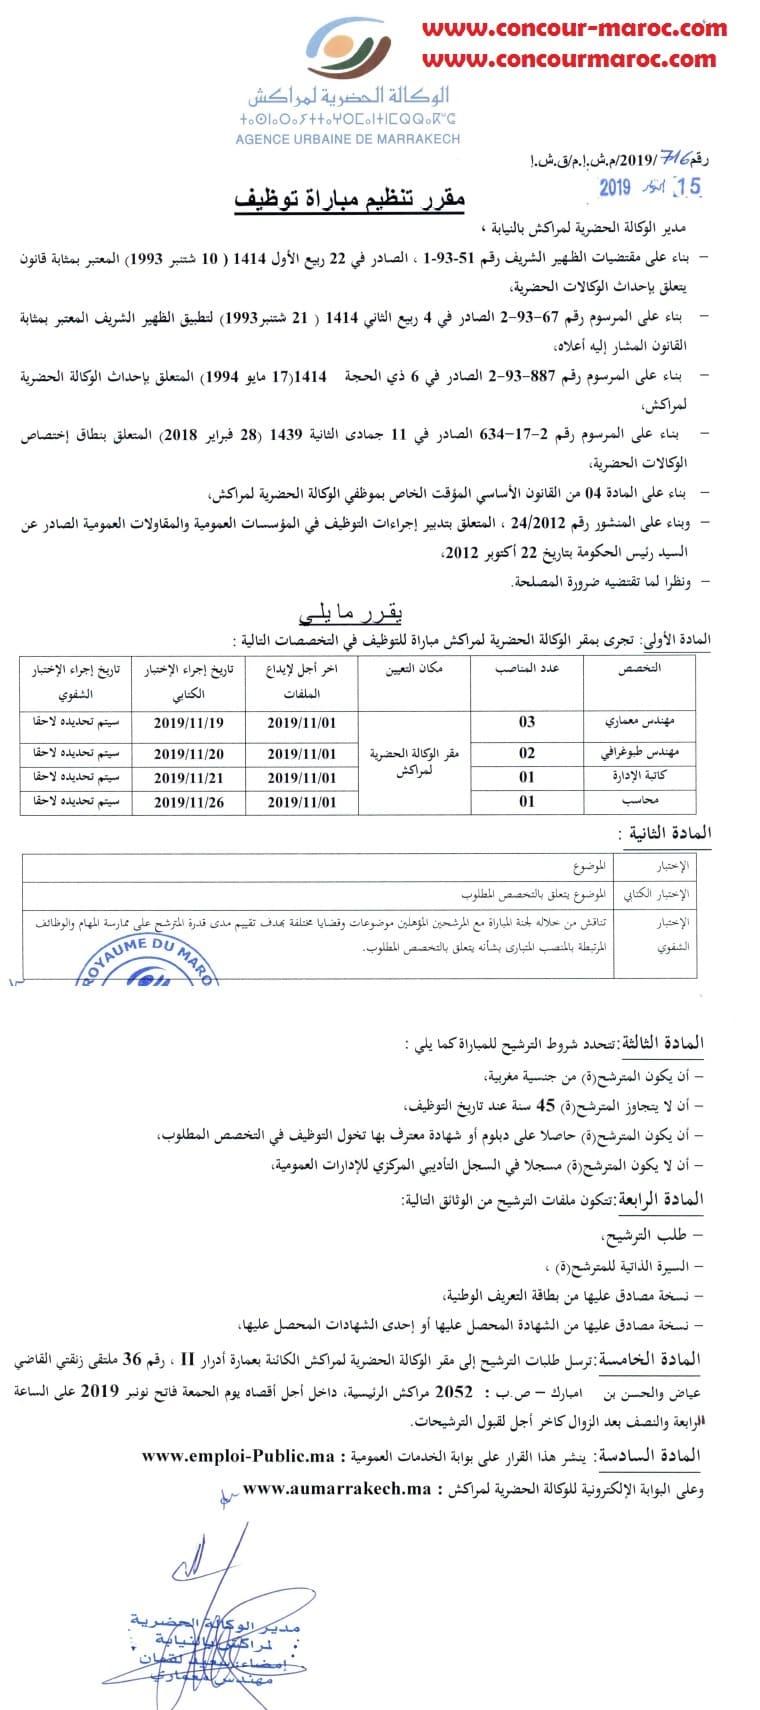 الوكالة الحضرية لمراكش : مباراة توظيف 07 مناصب في مختلف الدرجات آخر اجل 1 نونبر 2019 Aiaao_60